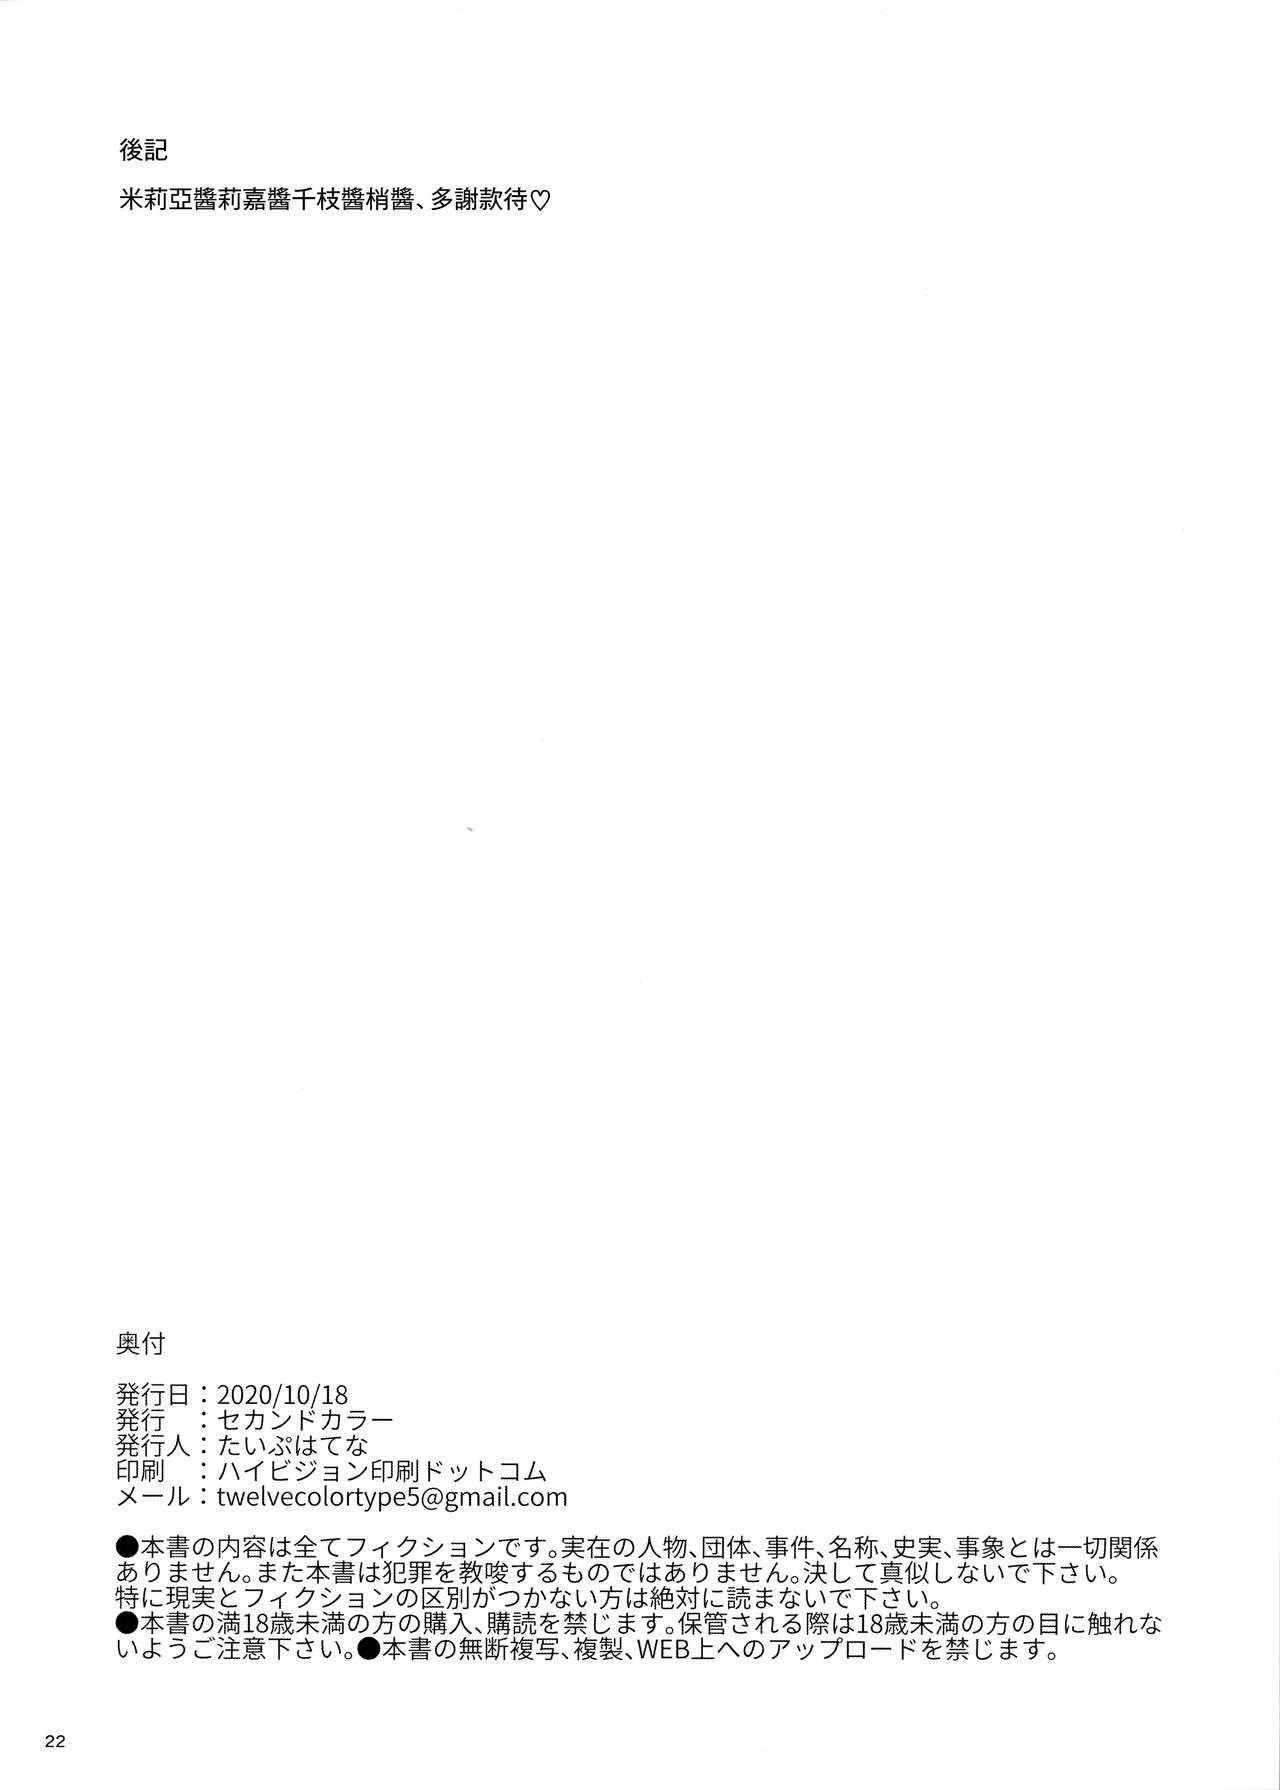 Totokira Gakuen Nama Honban SP 21